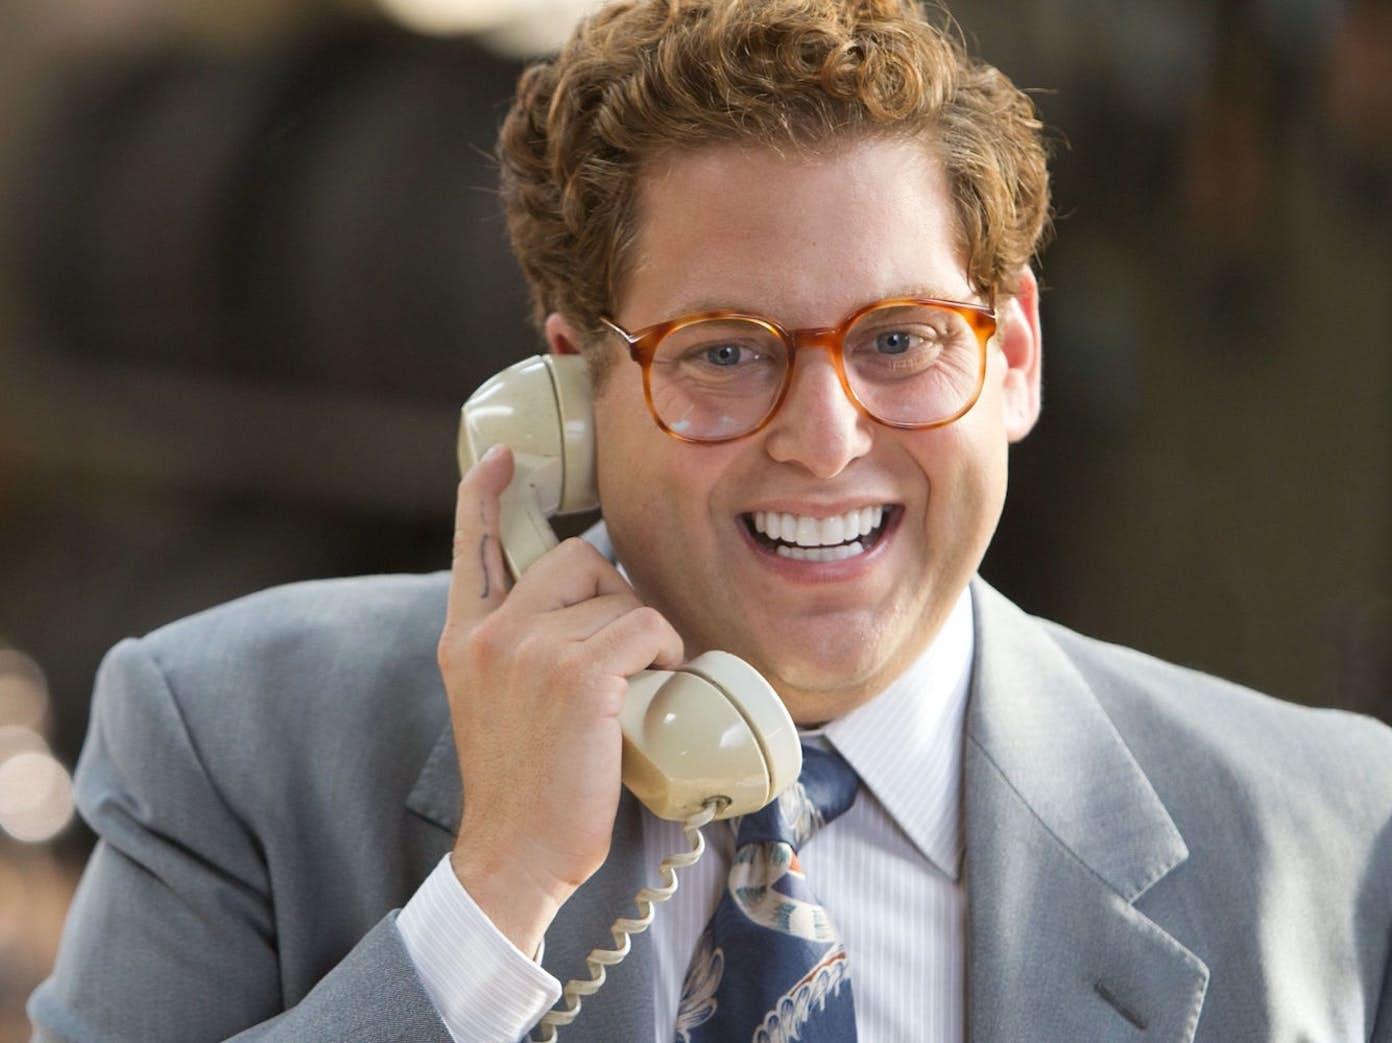 15位為演出一角「不在乎片酬多寡」的好萊塢明星演員!金凱瑞演《沒問題先生》0元!